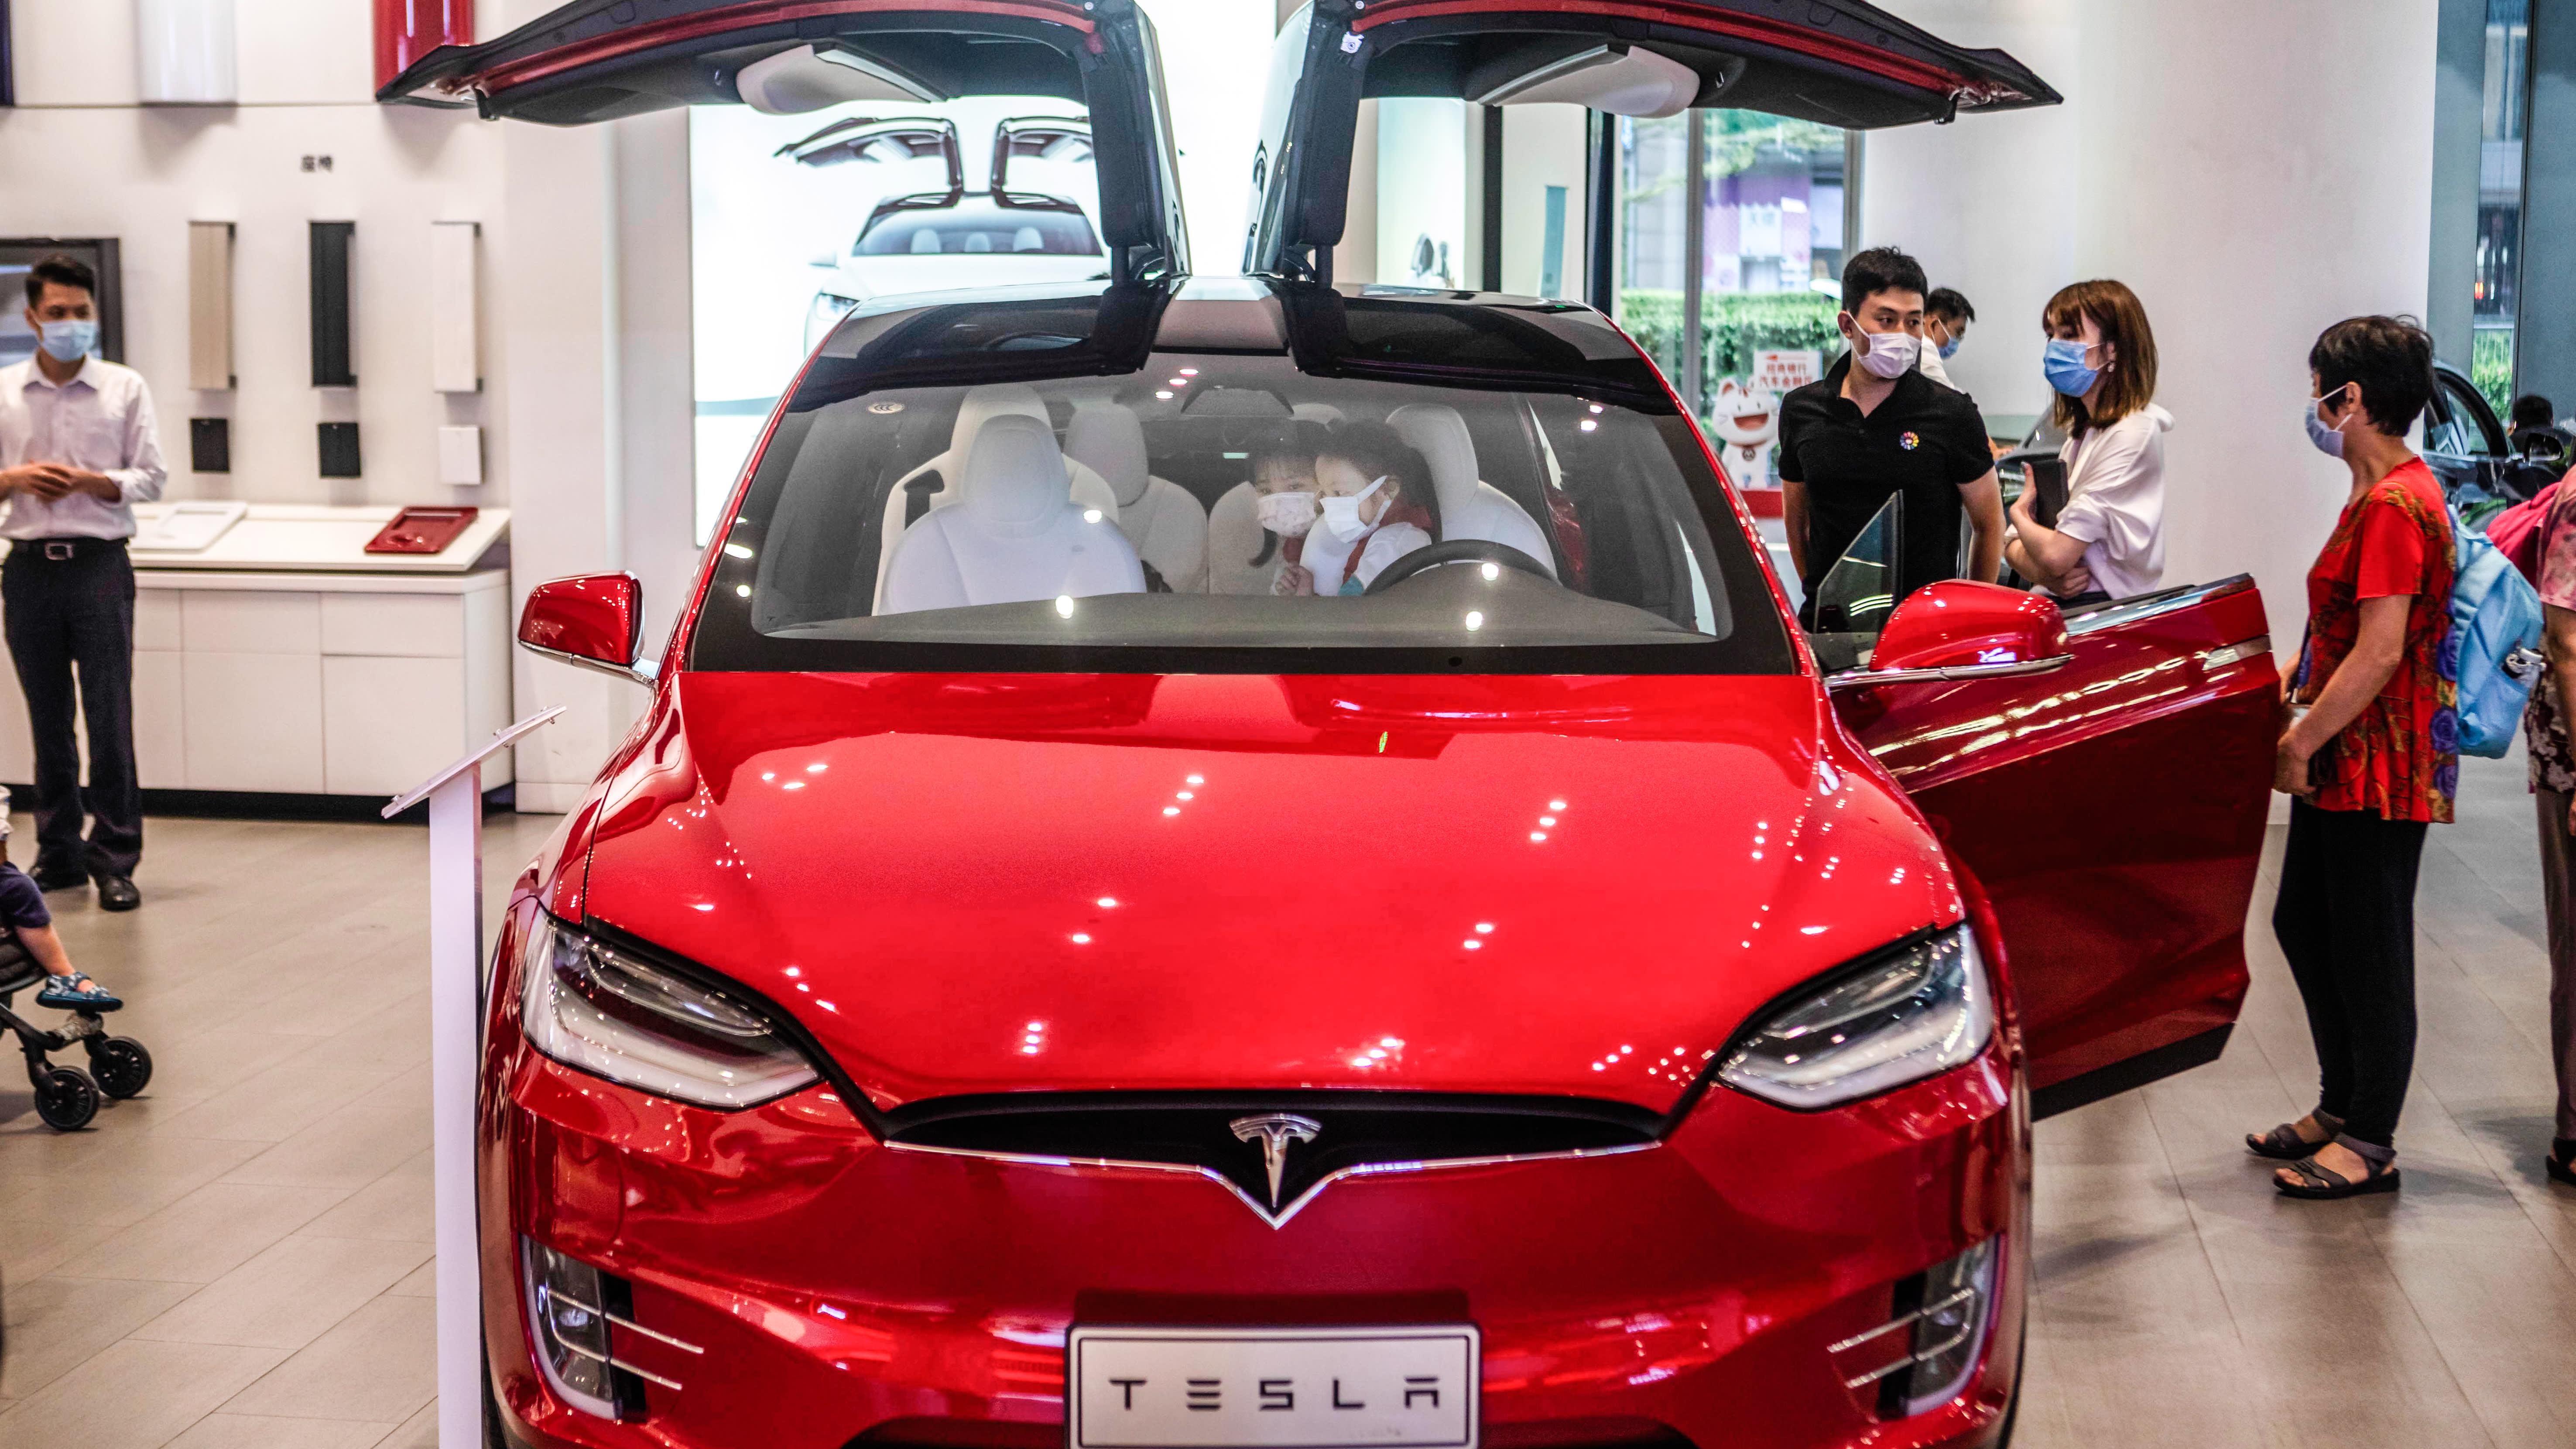 Lần đầu tiên sau 2 năm, doanh số bán ô tô Trung Quốc bất ngờ chứng kiến mức tăng trưởng trở lại - Ảnh 1.